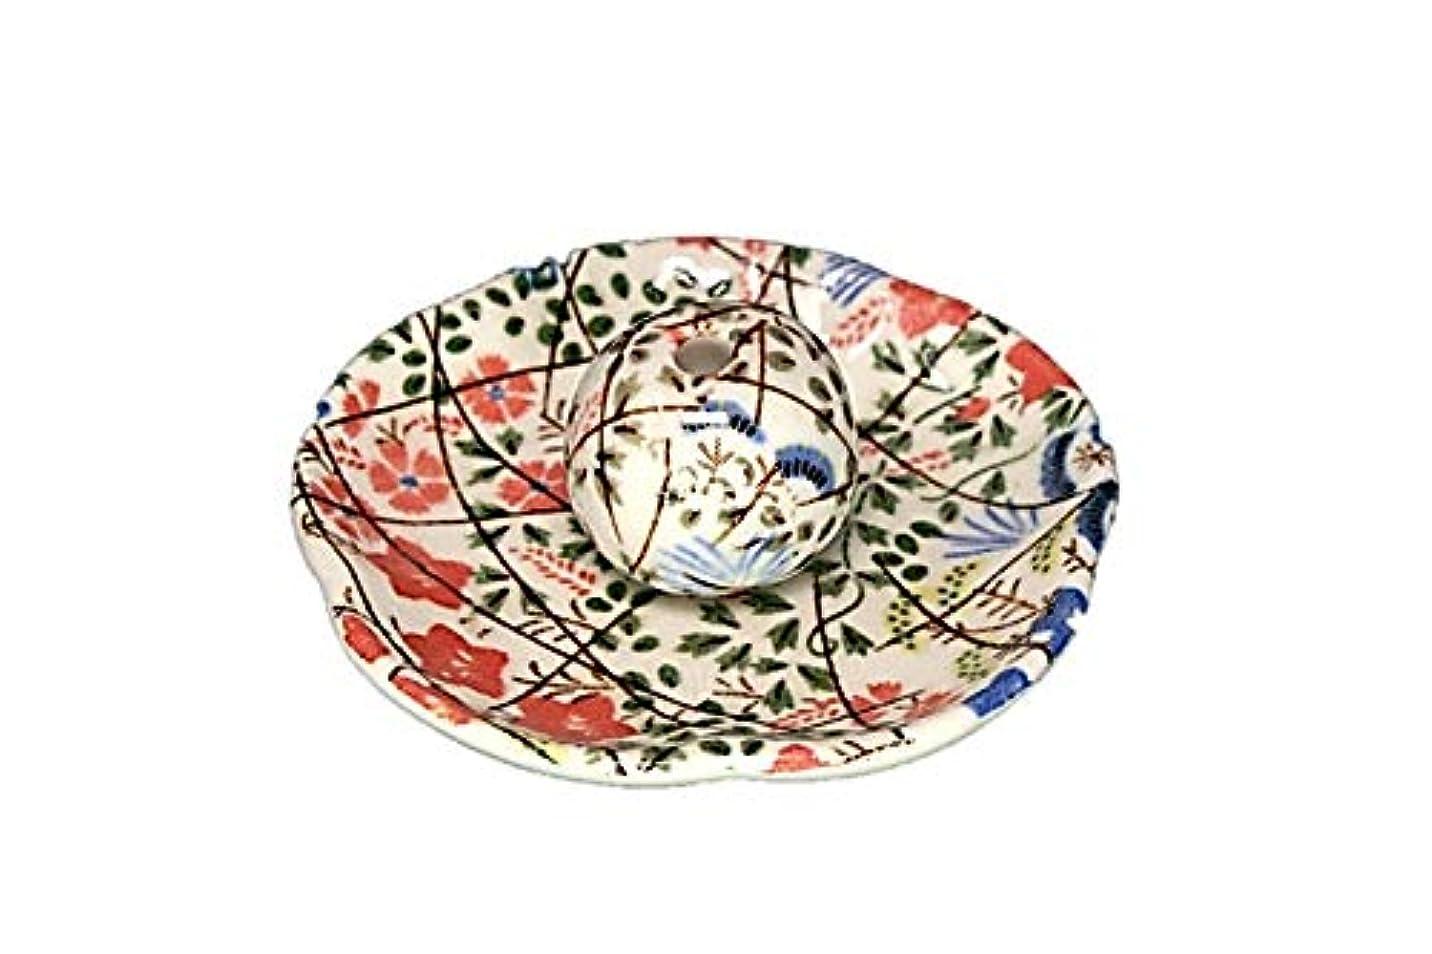 リーフレットレディリンス錦織 はな野 花形香皿 お香立て お香たて 日本製 ACSWEBSHOPオリジナル